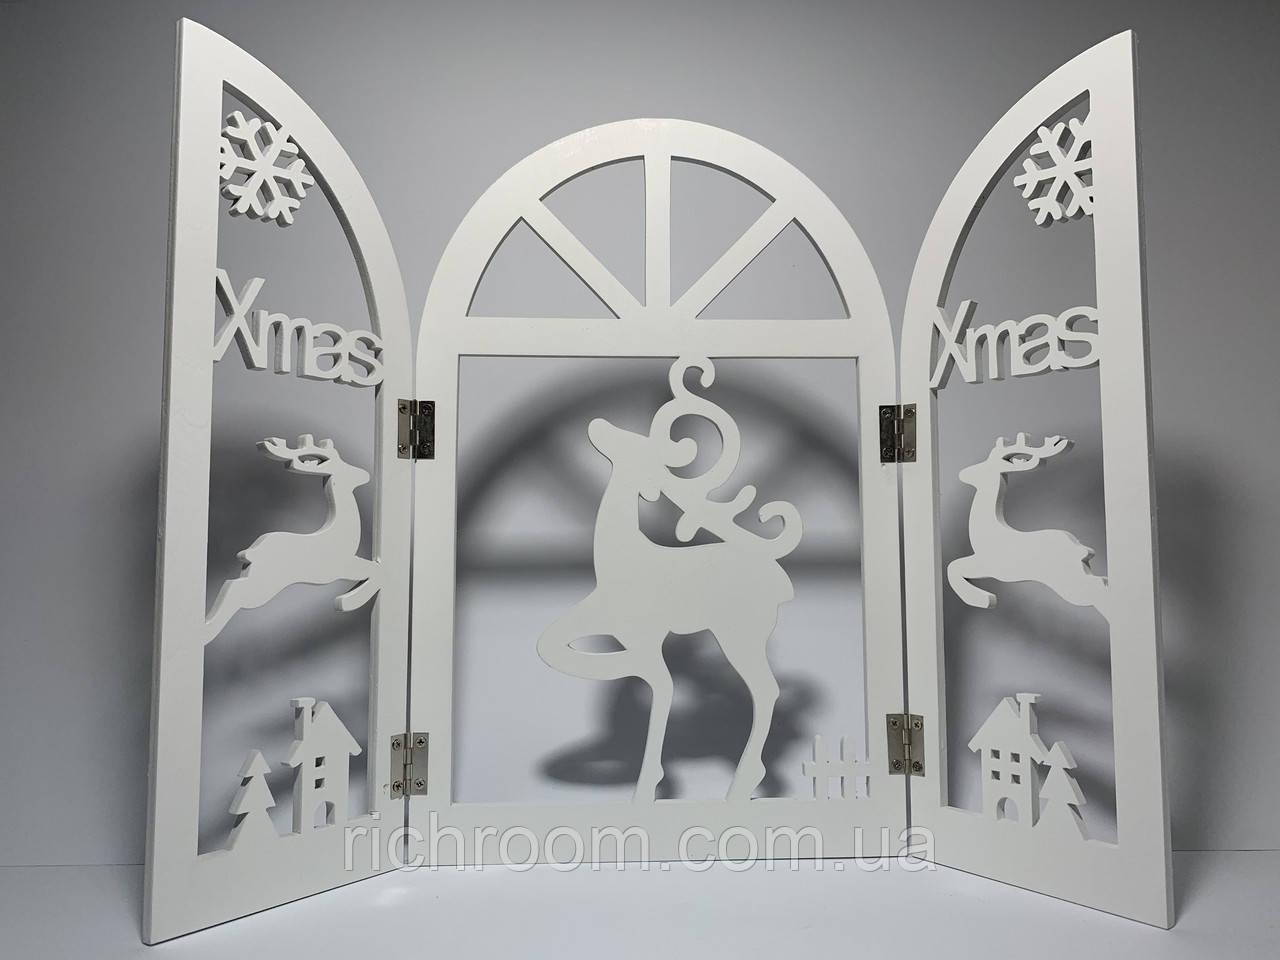 """Рождественское украшение окна ширма """"Merry Xmas"""" с оленями EDEKA"""